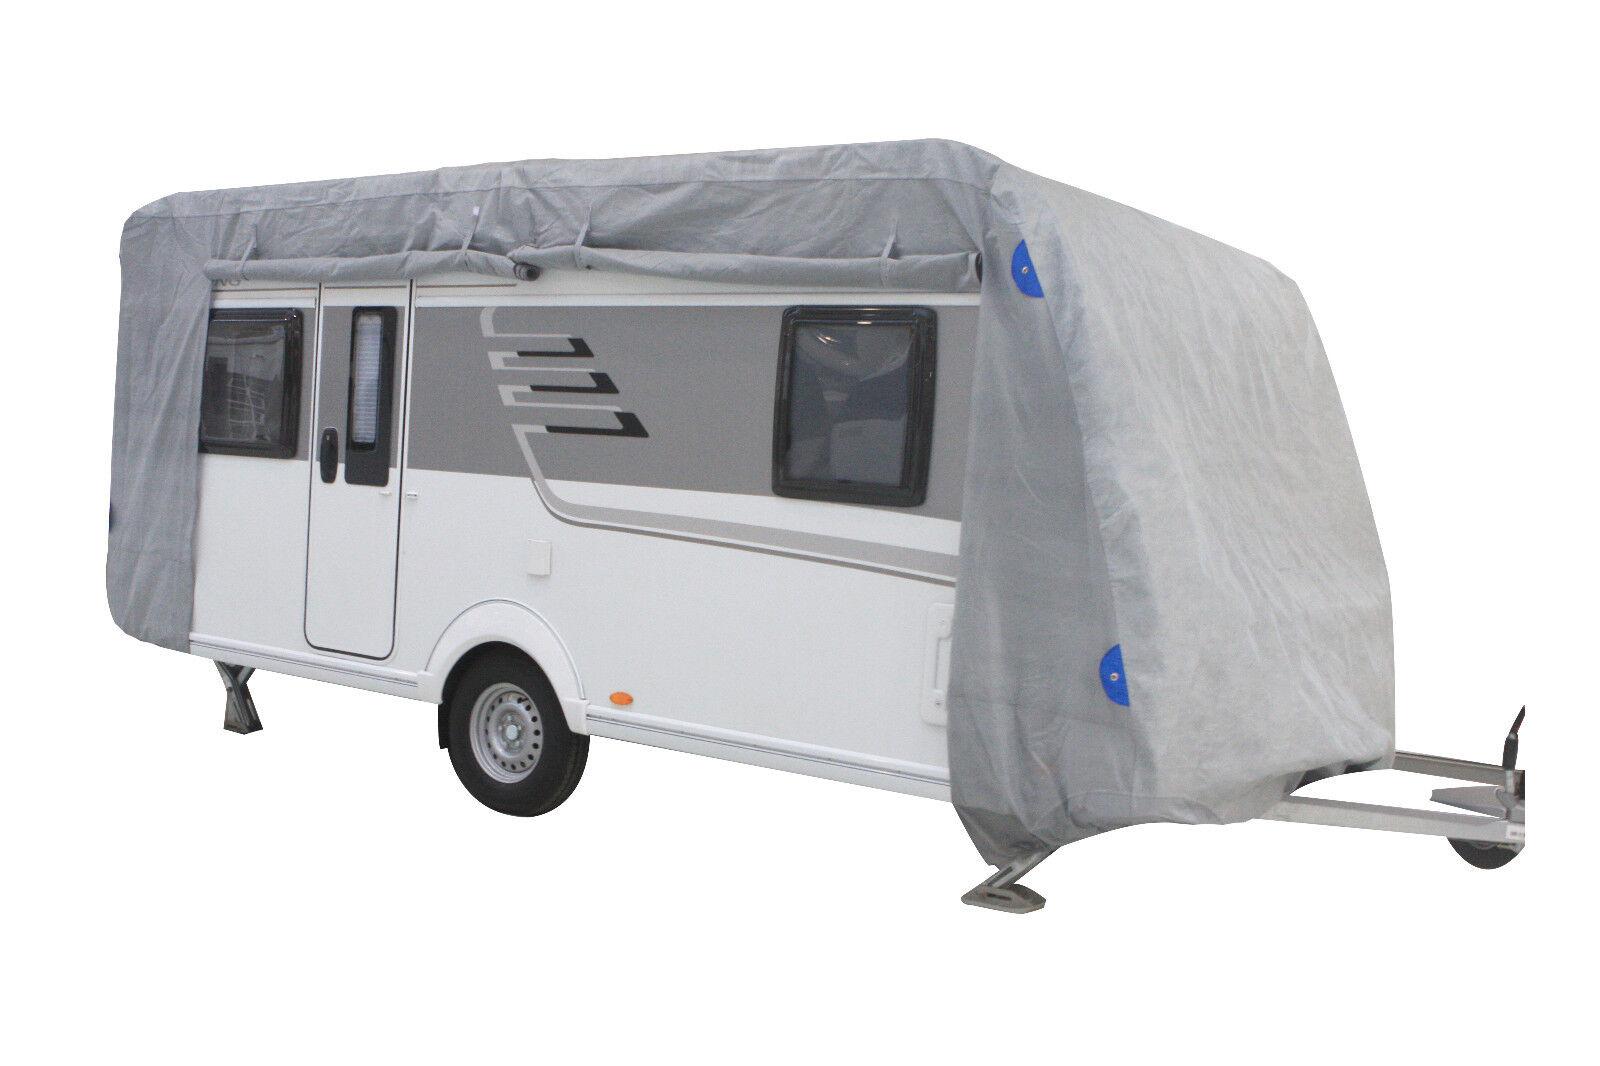 Details zu Wohnwagen Schutzhülle S/M/L/XL/XXL Abdeckplane Garage  Schutzfolie Abdeckung